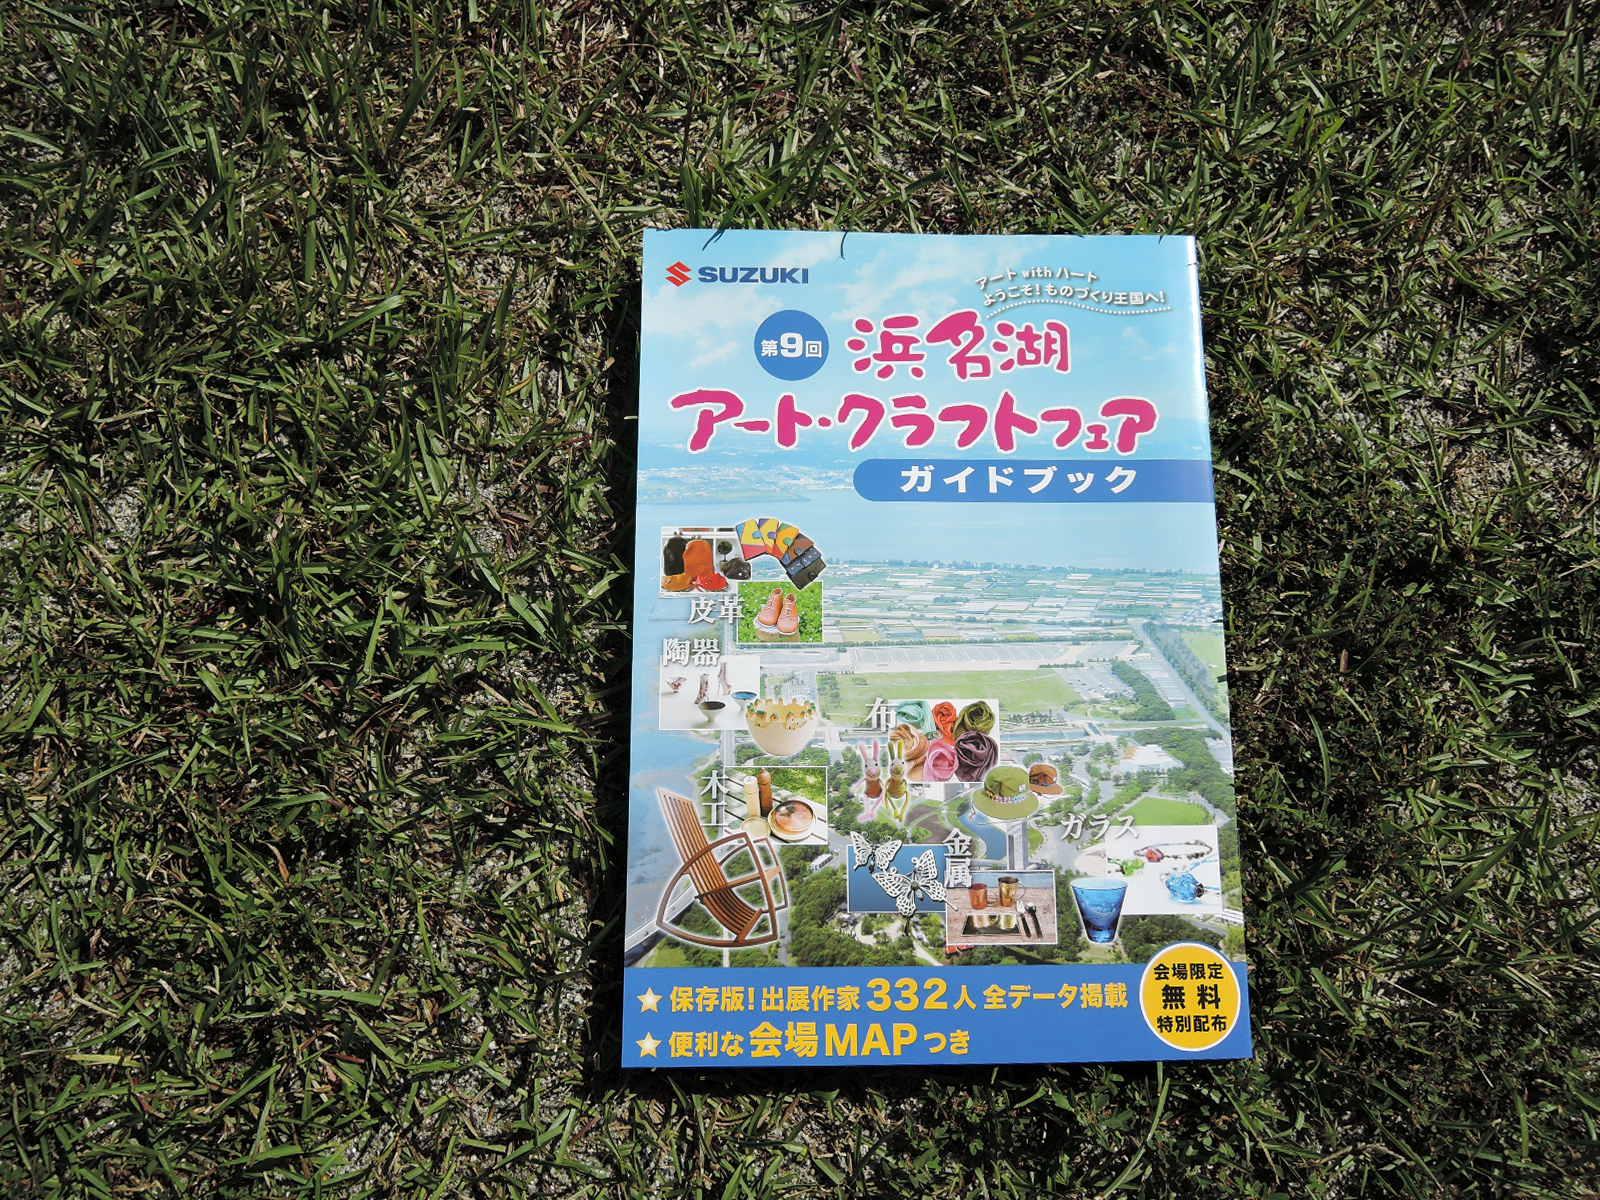 浜名湖アート・クラフトフェアパンフレット